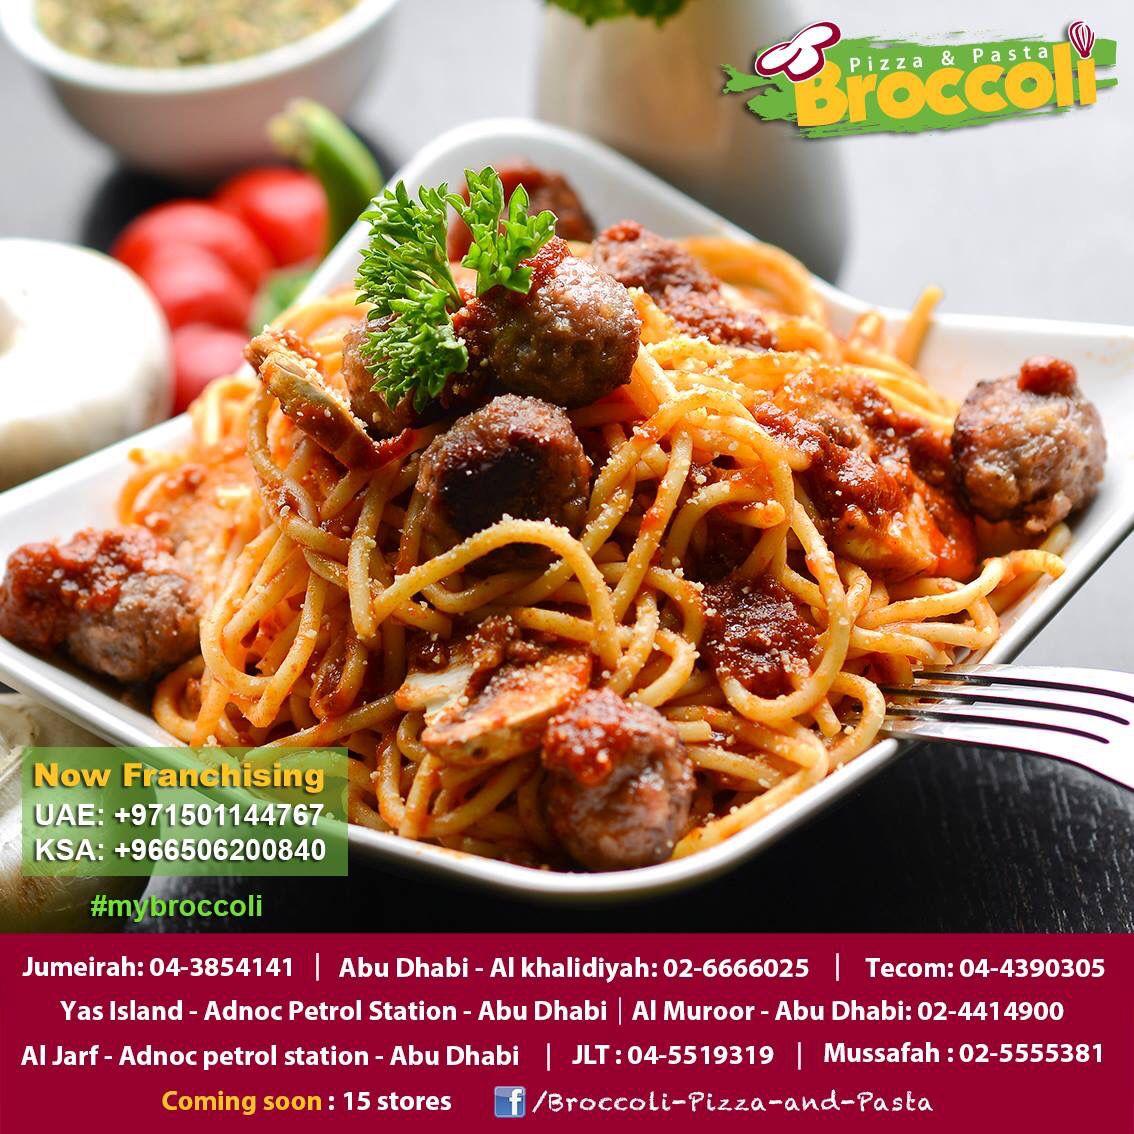 Try Our Yummy Meatballs Pasta جرب معكرونة بكرات اللحم اللذيذة We Love Pizza Pasta نحن نحب البيتزا و الباستا Broccoli Pizza Meatball Pasta Pizza Pasta